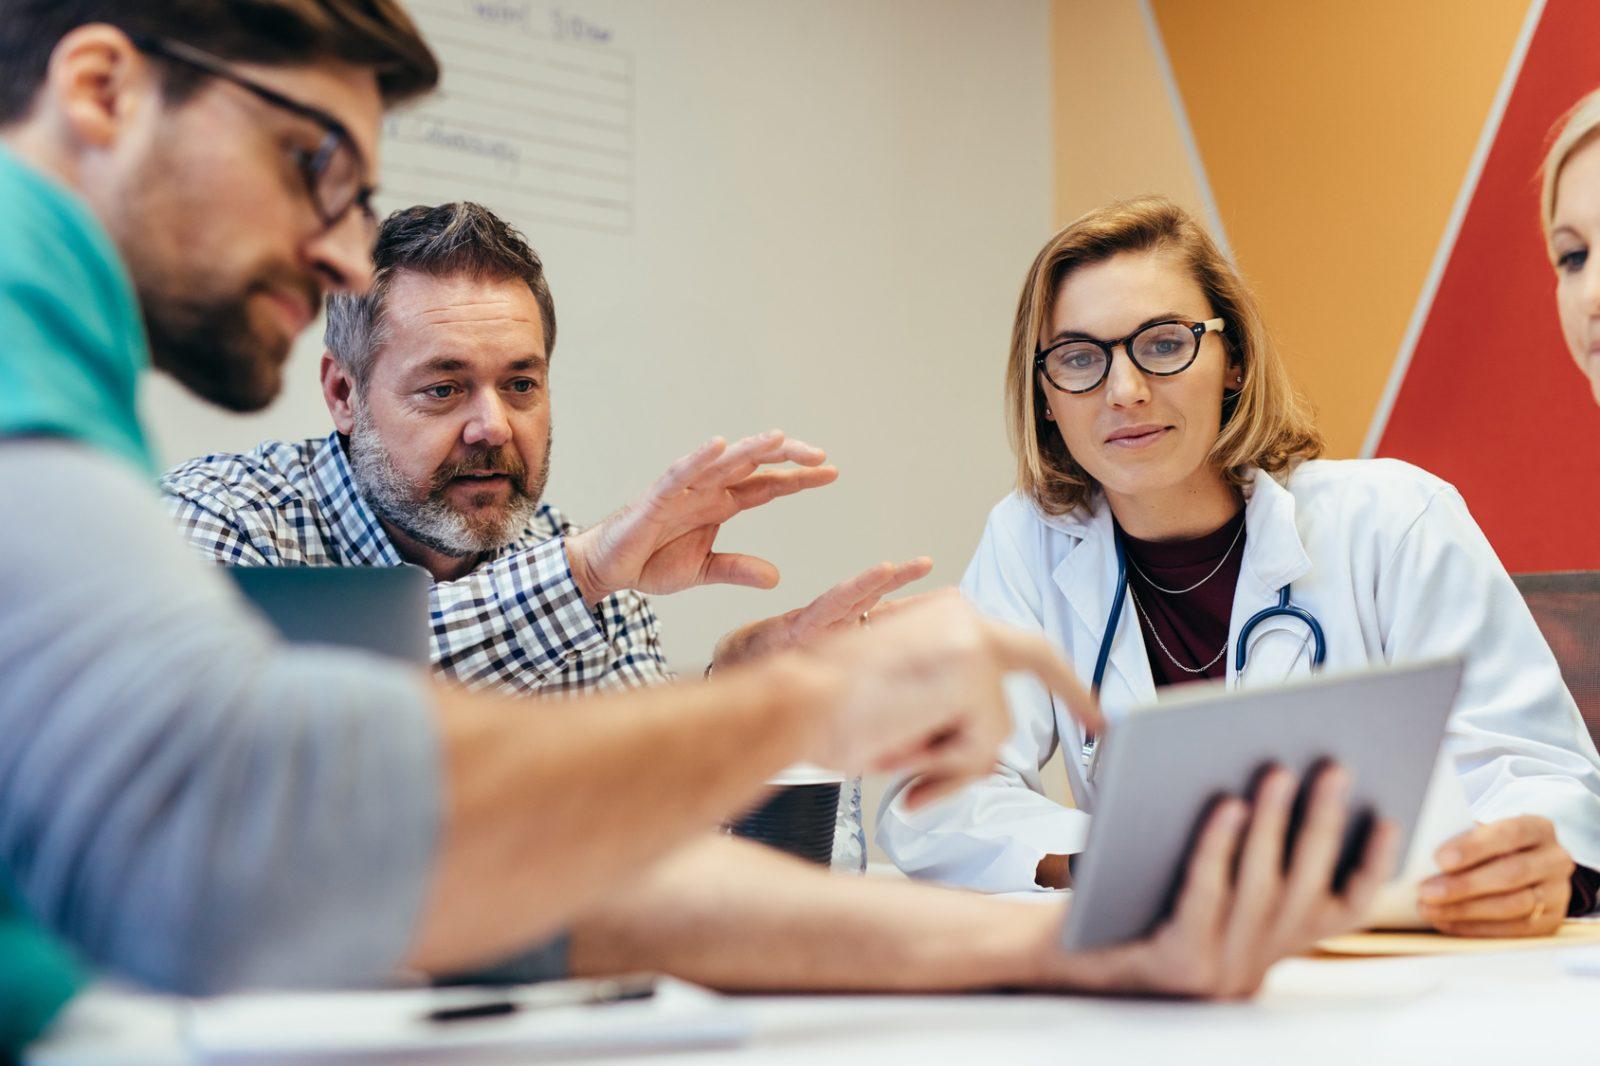 ryhmä terveydenhuollon työntekijöitä lääkärin kanssa kokouksessa. Istuvat pöydän ääressä ja katselevat tabletilta jotakin.